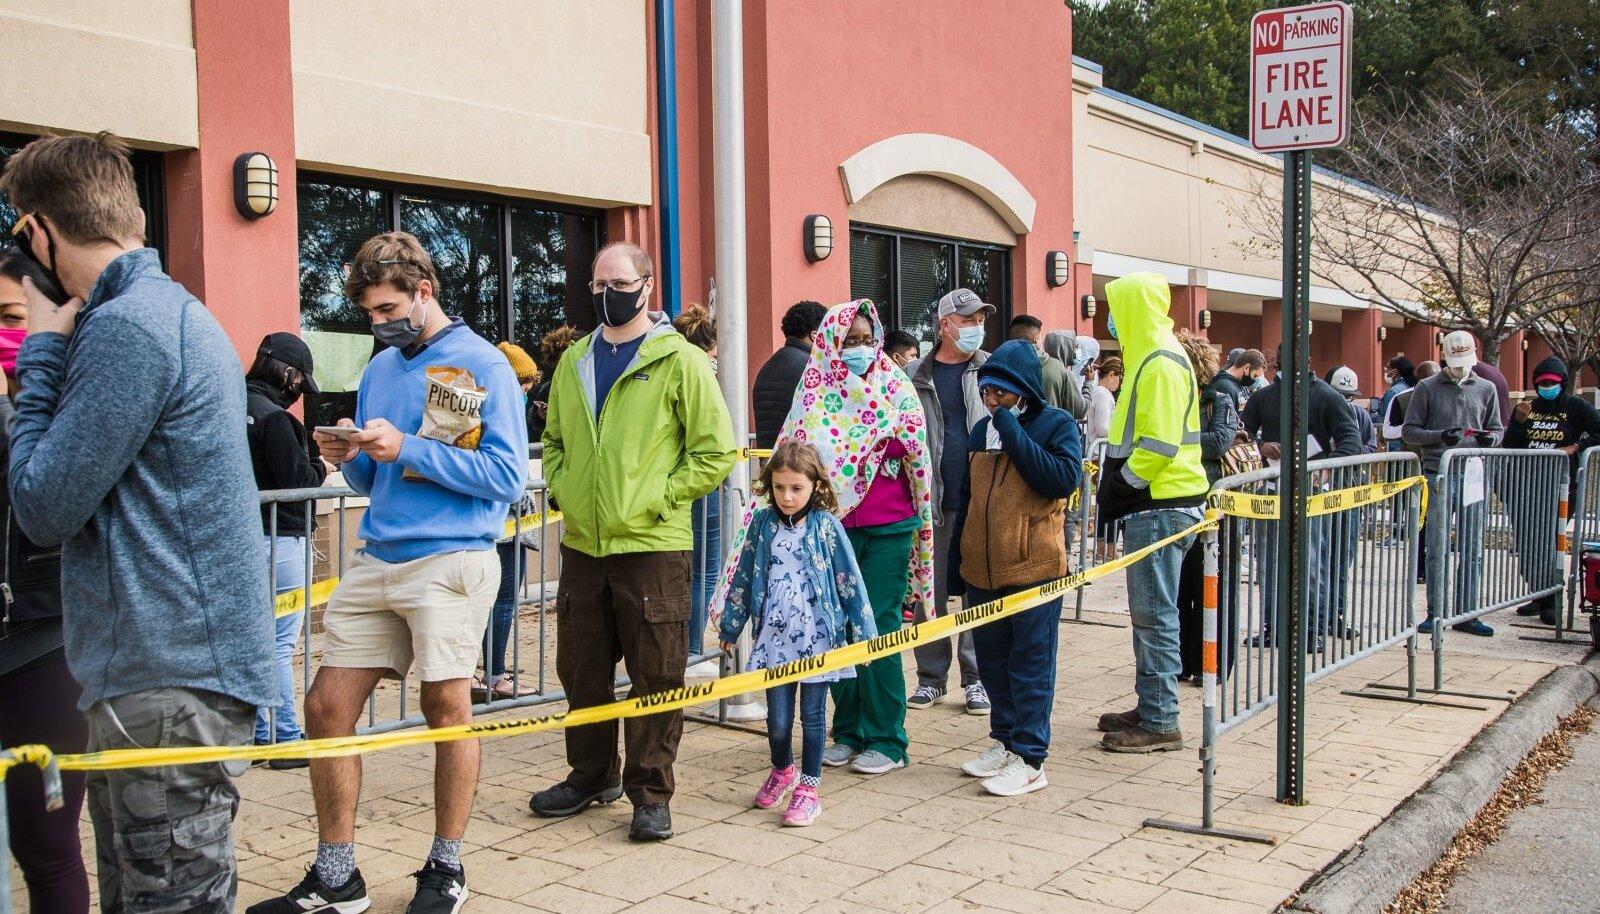 Eesti ajakirjanikud nägid oma silmaga osariigi pealinna Atlanta eeslinnades pikalt valimisjaoskondade ees vonklevaid järjekordi.